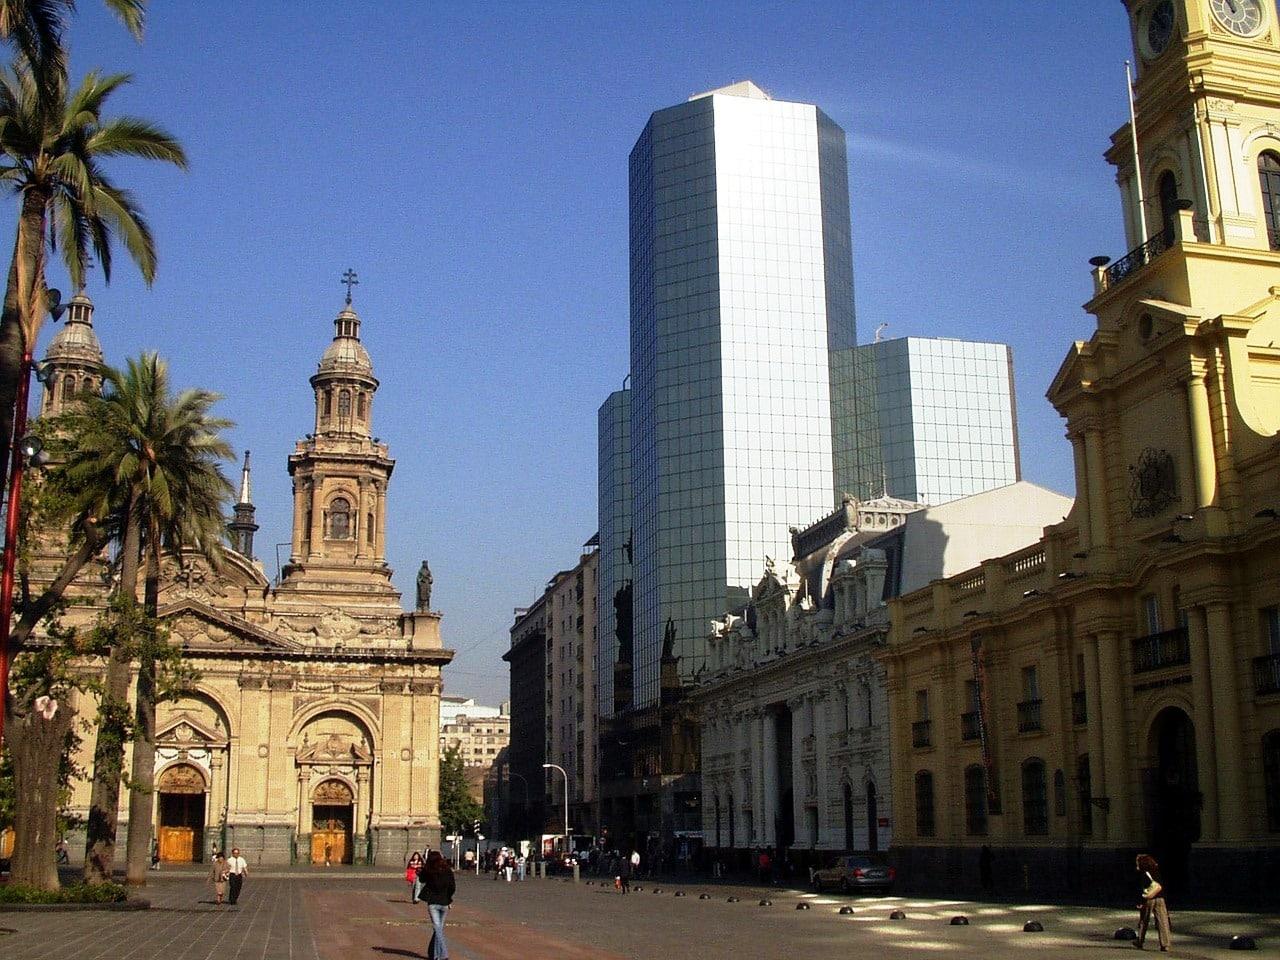 Le Centre Historique Santiago Chili